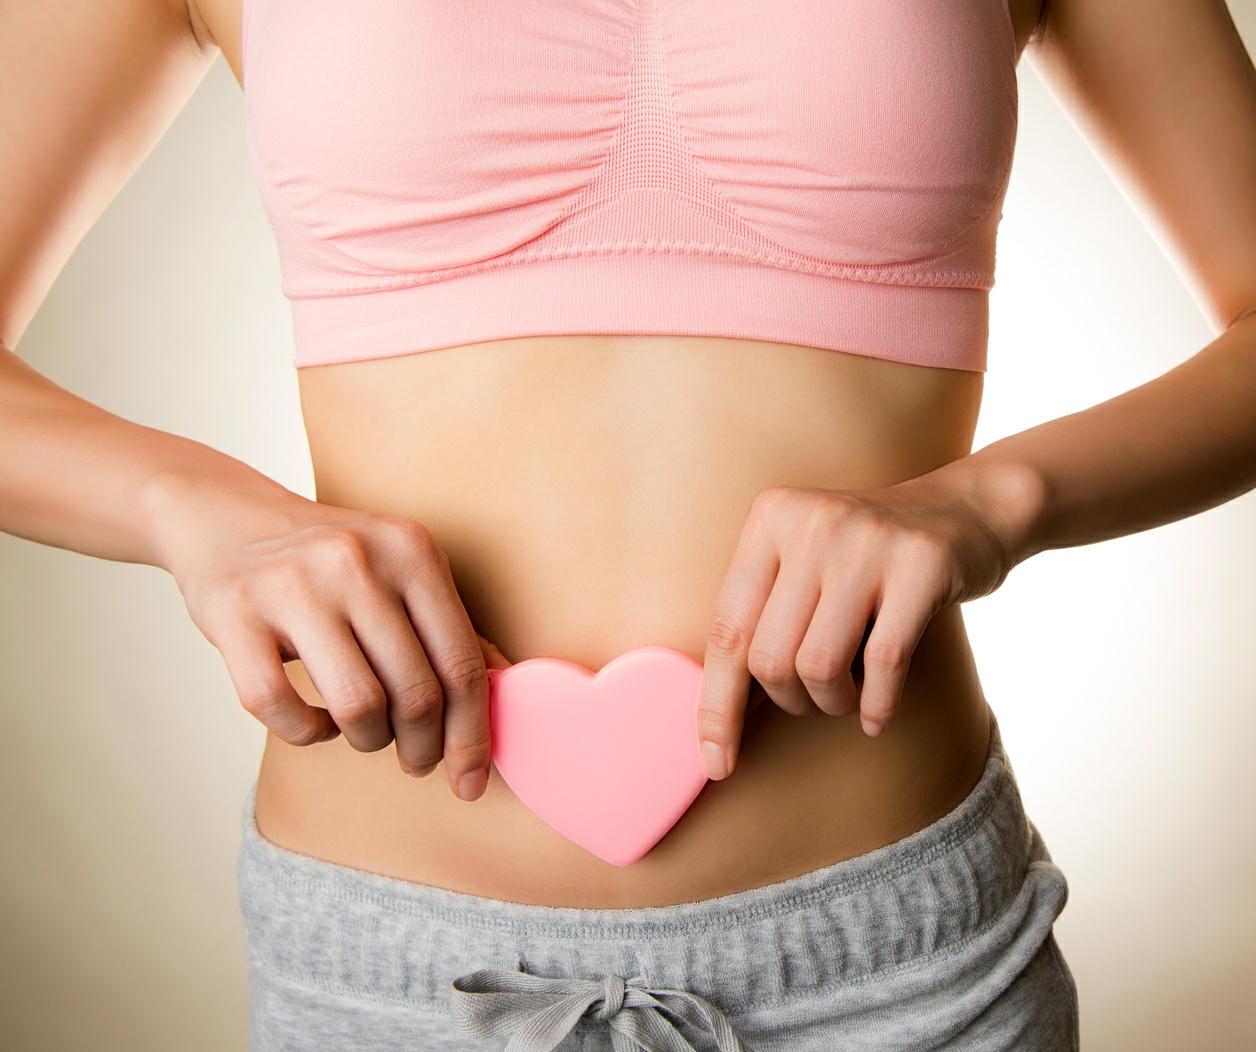 メタボや肥満が「うつ病」リスクを上昇させる 日本人1万人以上を調査